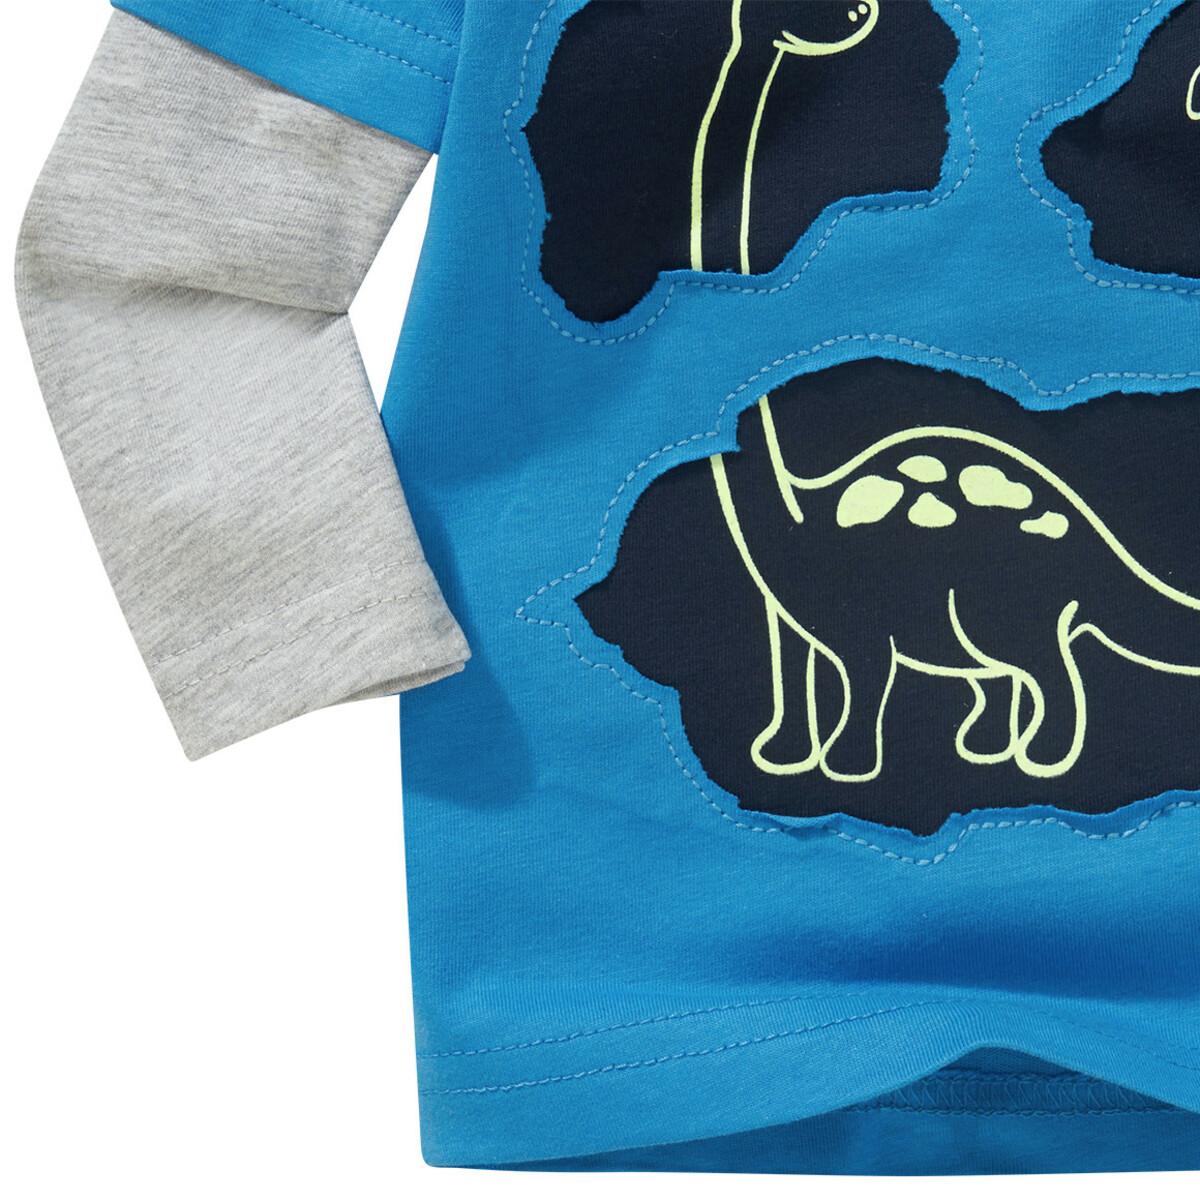 Bild 4 von Baby Langarmshirt mit Glow-in-the-Dark-Effekt